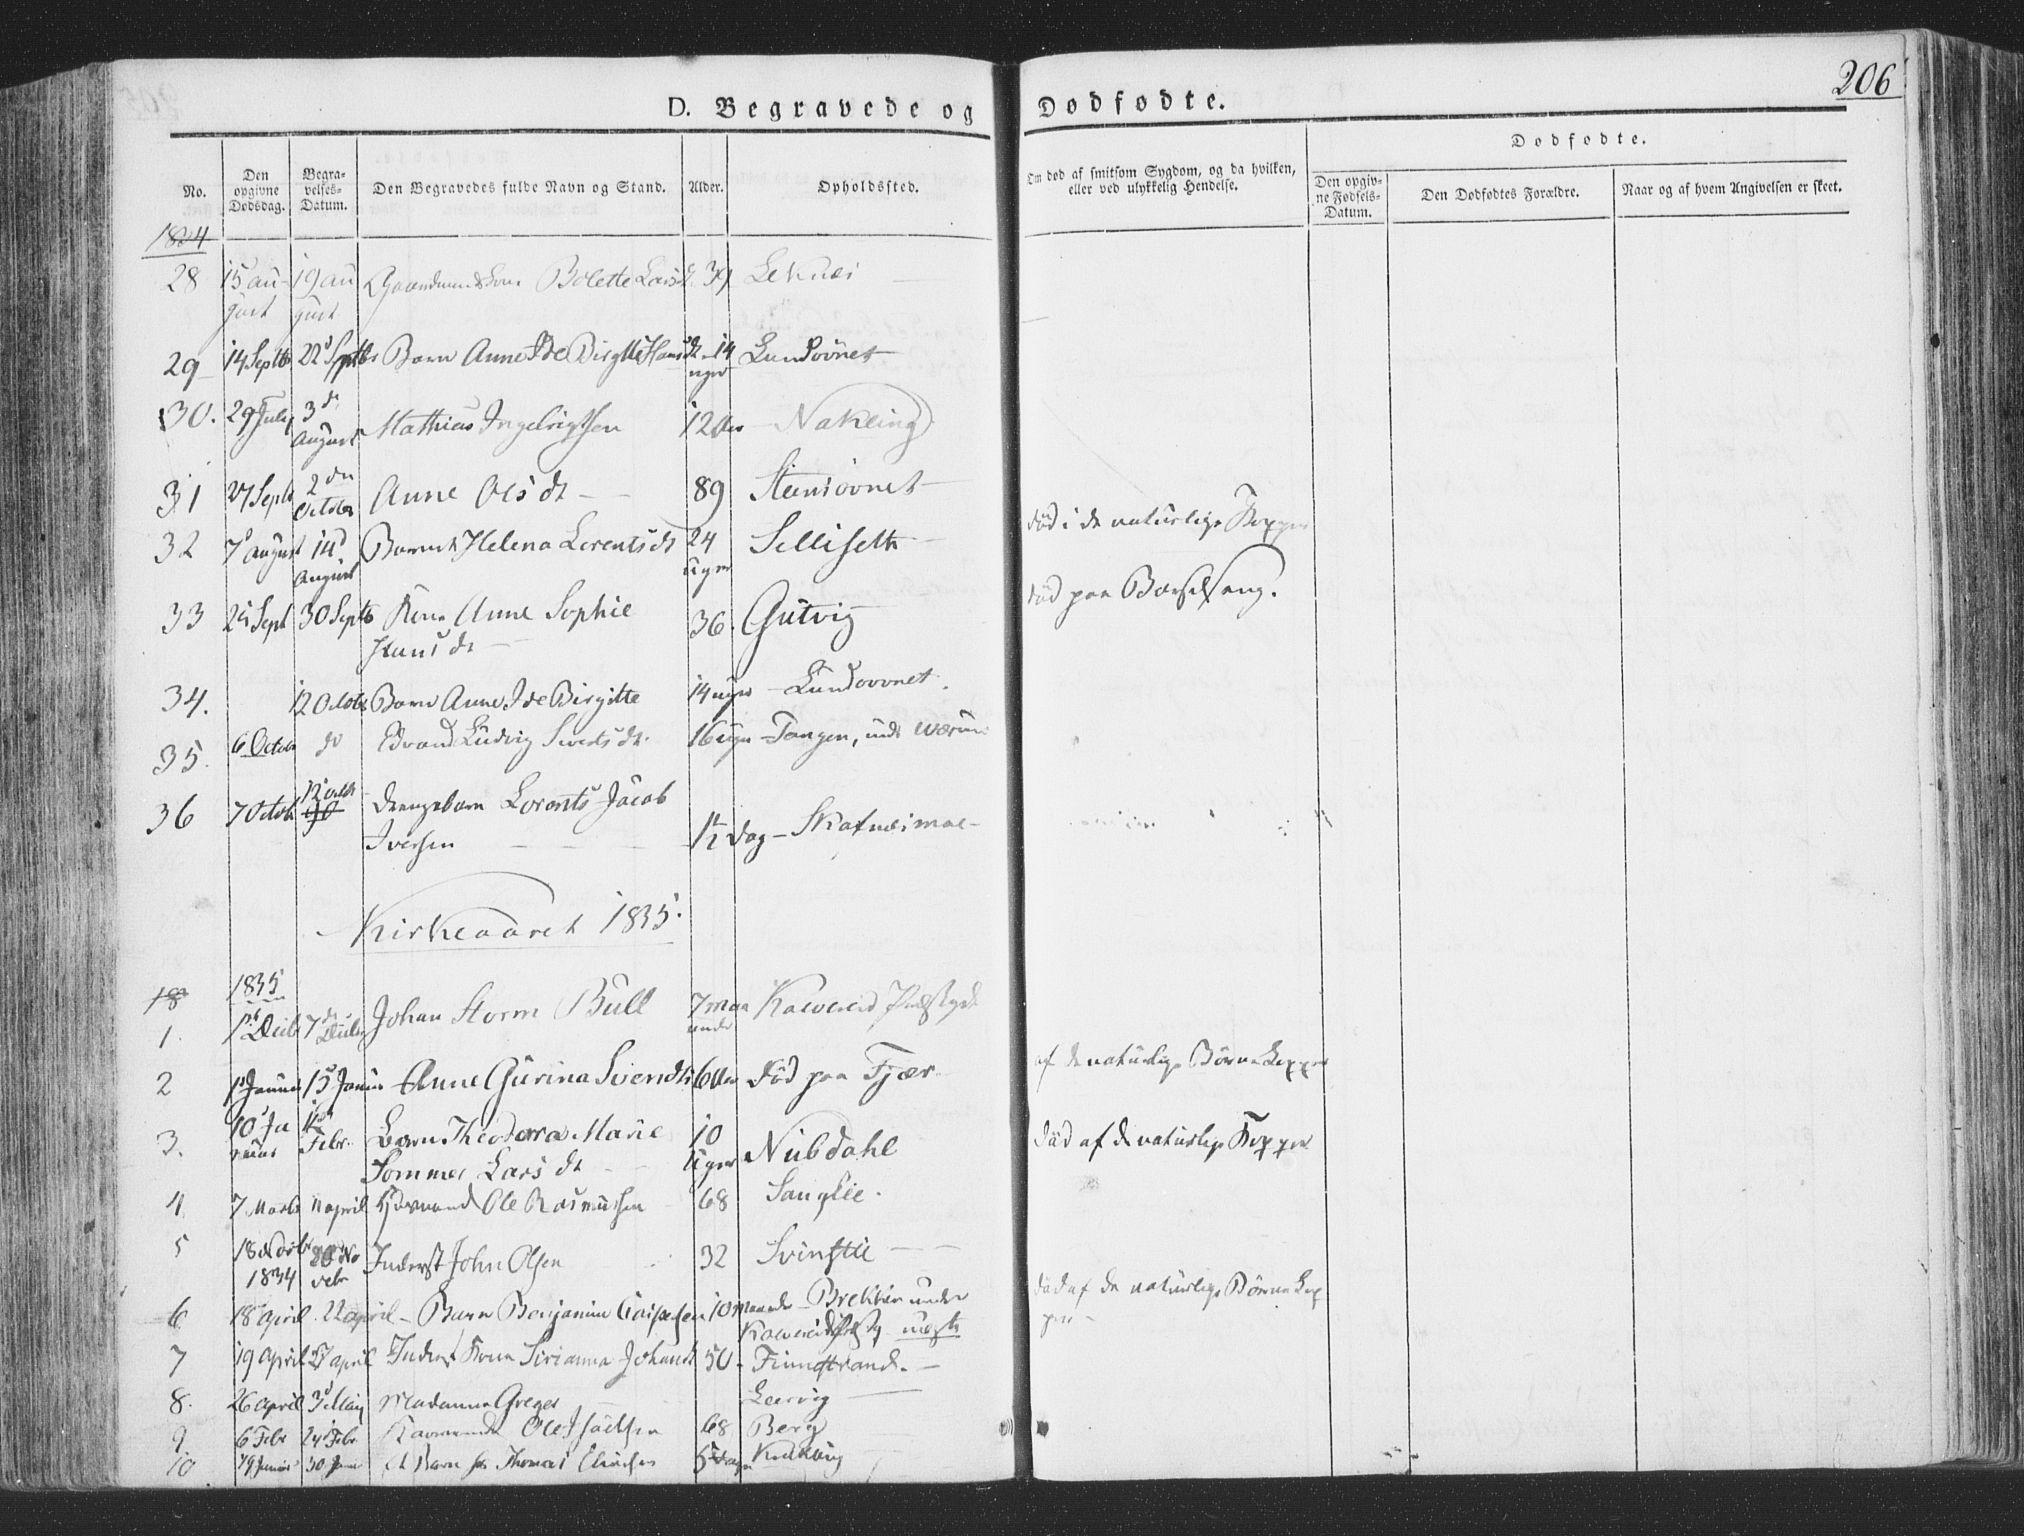 SAT, Ministerialprotokoller, klokkerbøker og fødselsregistre - Nord-Trøndelag, 780/L0639: Ministerialbok nr. 780A04, 1830-1844, s. 206